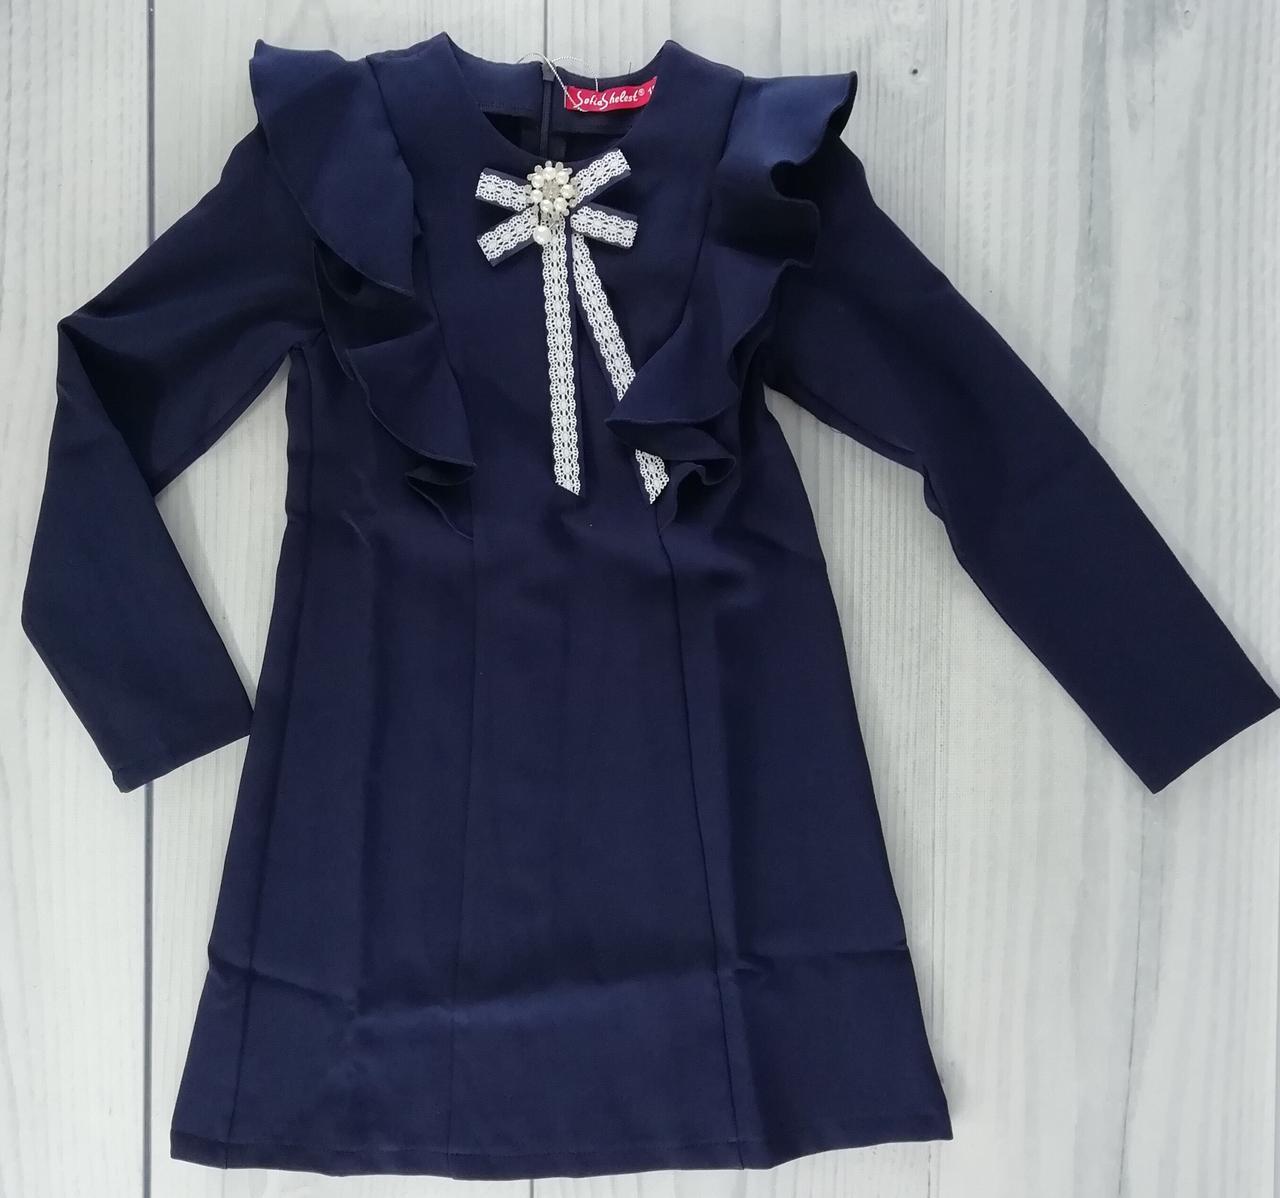 Шкільна форма для дівчаток Плаття Моніка Синій Sofia Shelest зріст 152 см